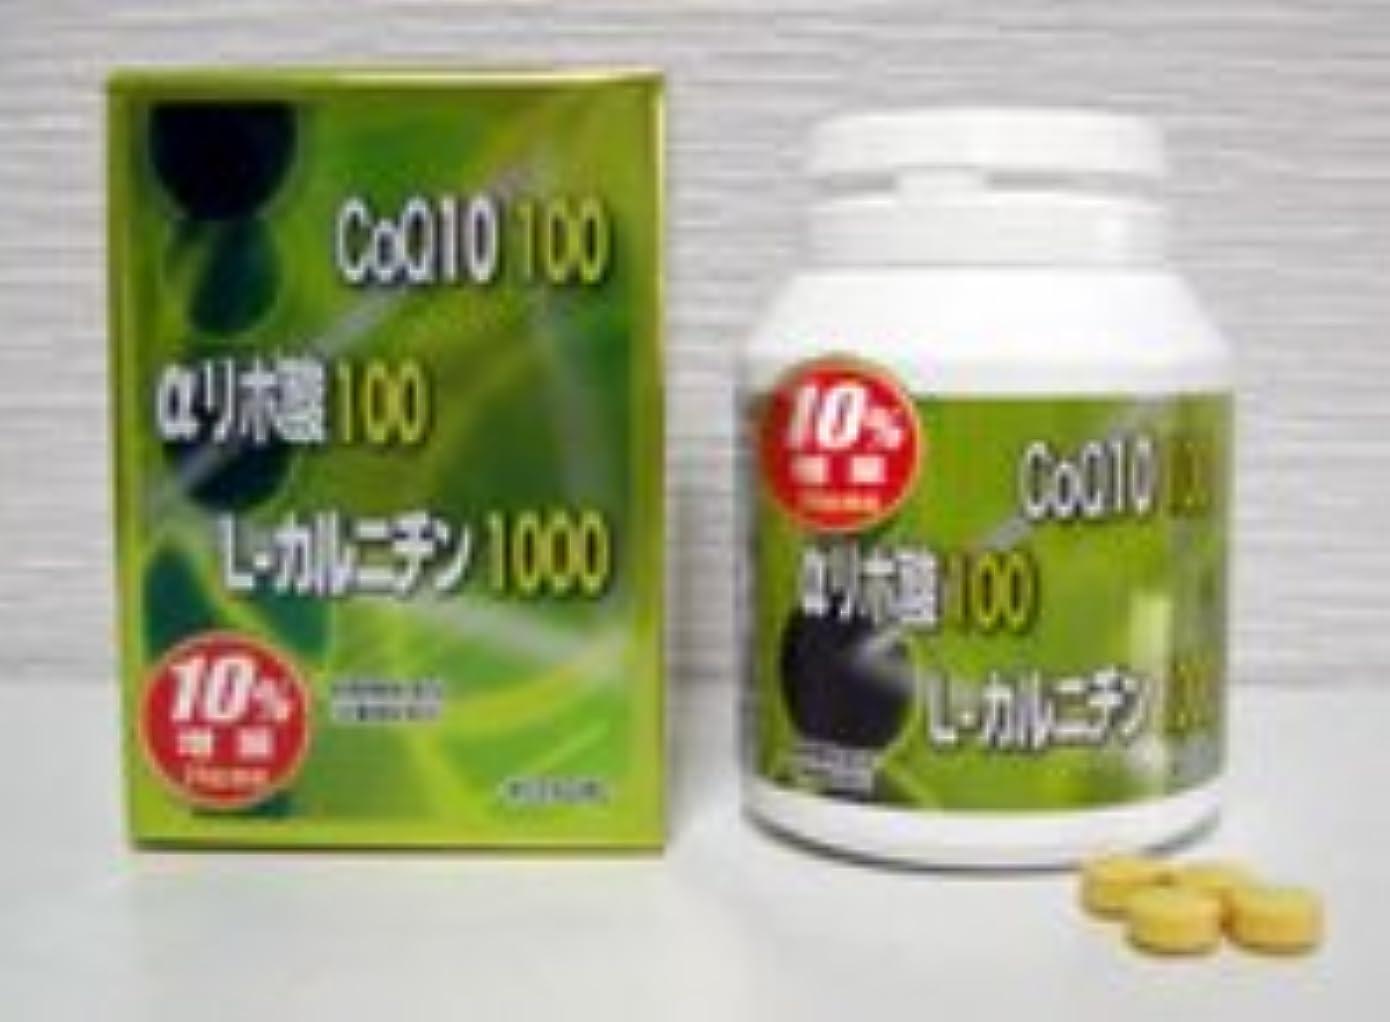 ライフル建築連隊ダイエットサプリ CoQ10+αリポ酸+L-カルニチン 102.96g(390mg×約264粒)